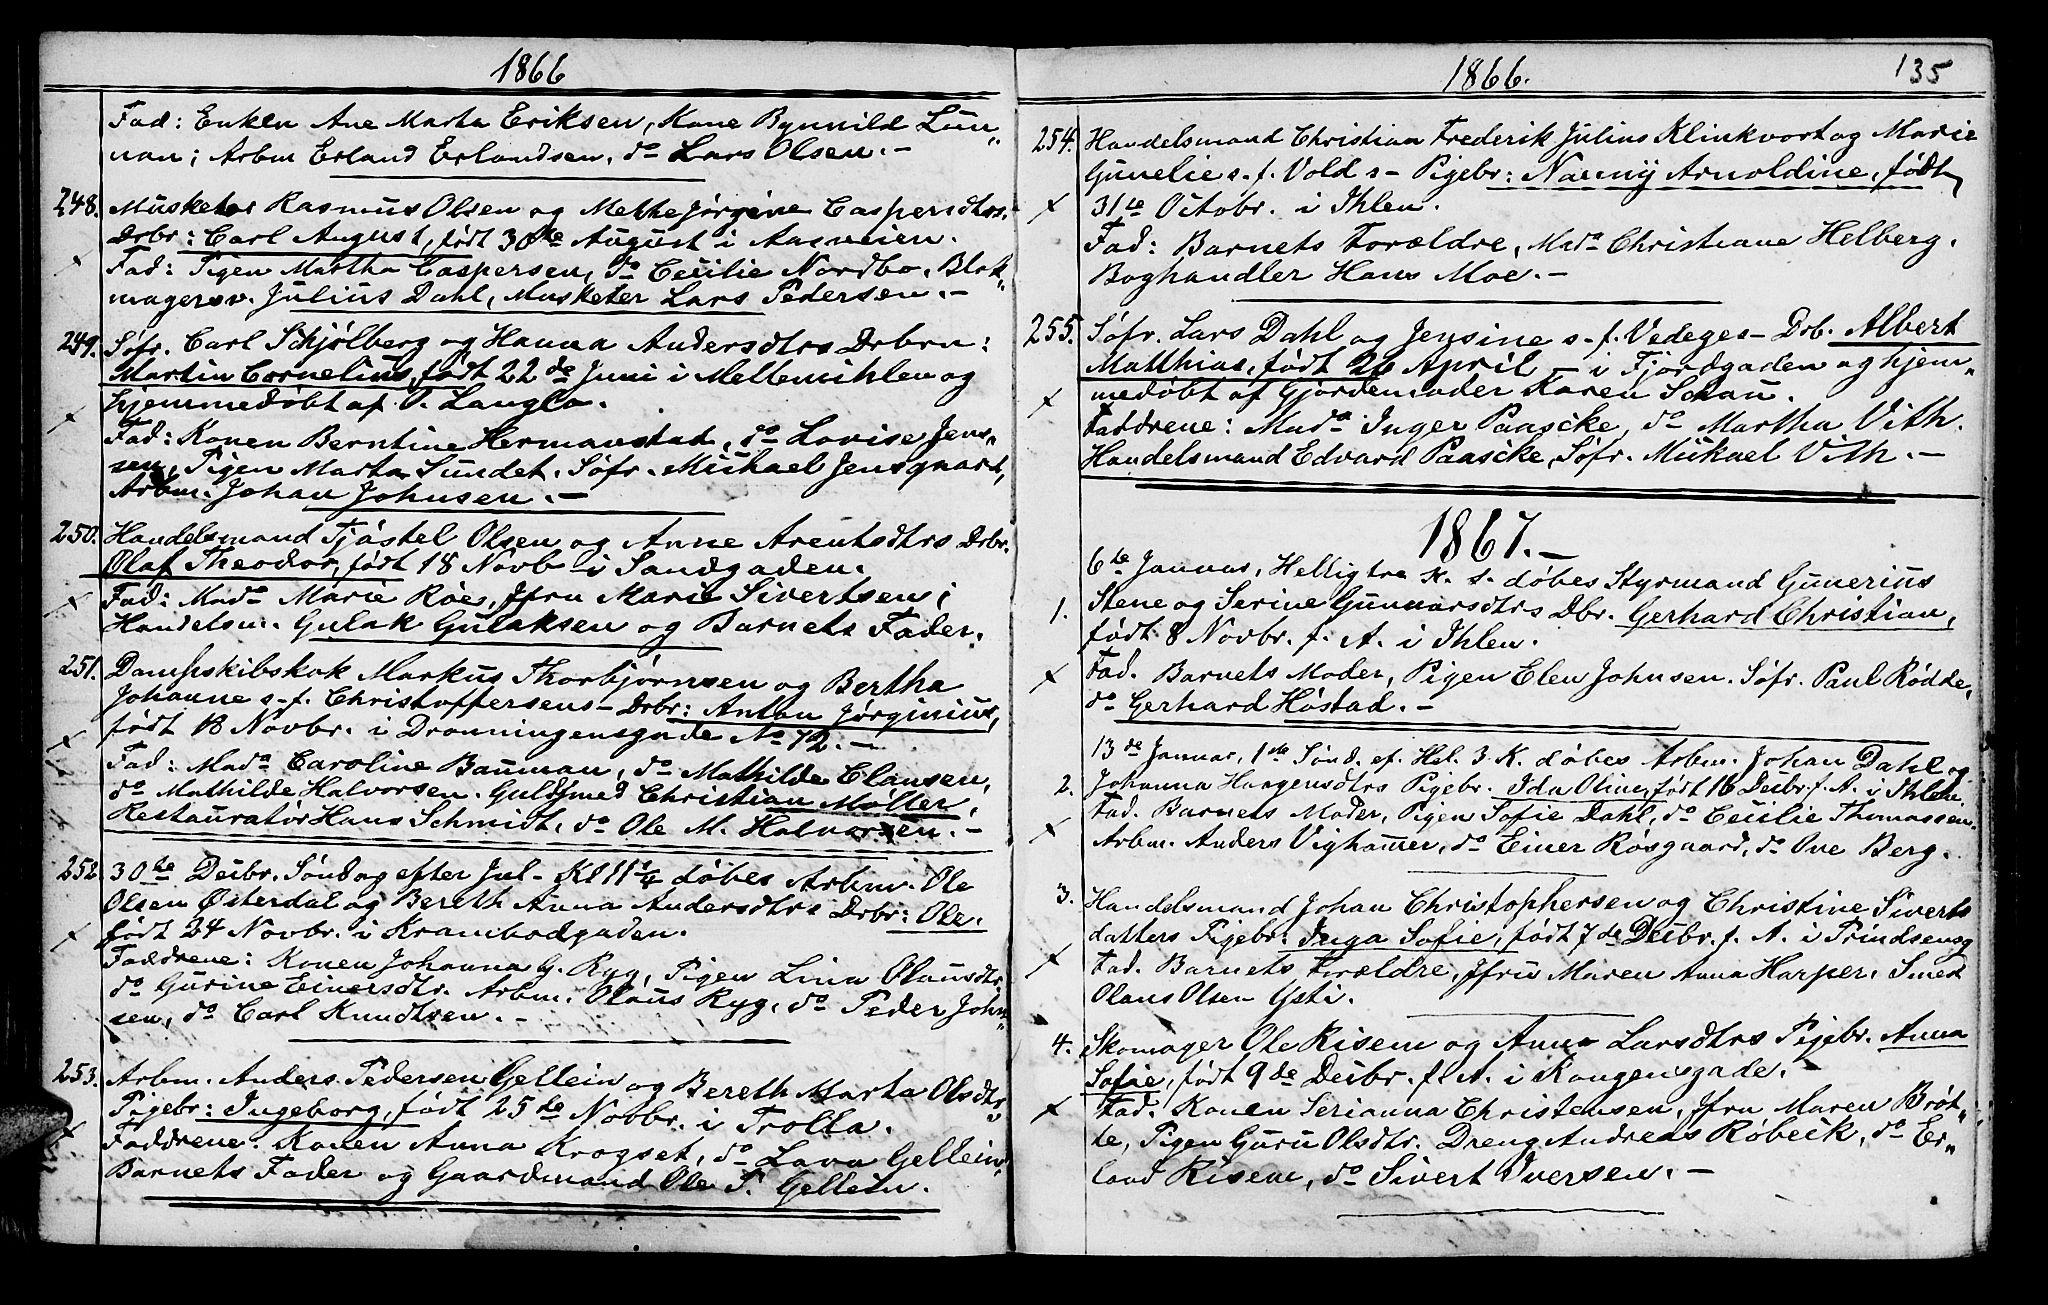 SAT, Ministerialprotokoller, klokkerbøker og fødselsregistre - Sør-Trøndelag, 602/L0140: Klokkerbok nr. 602C08, 1864-1872, s. 134-135